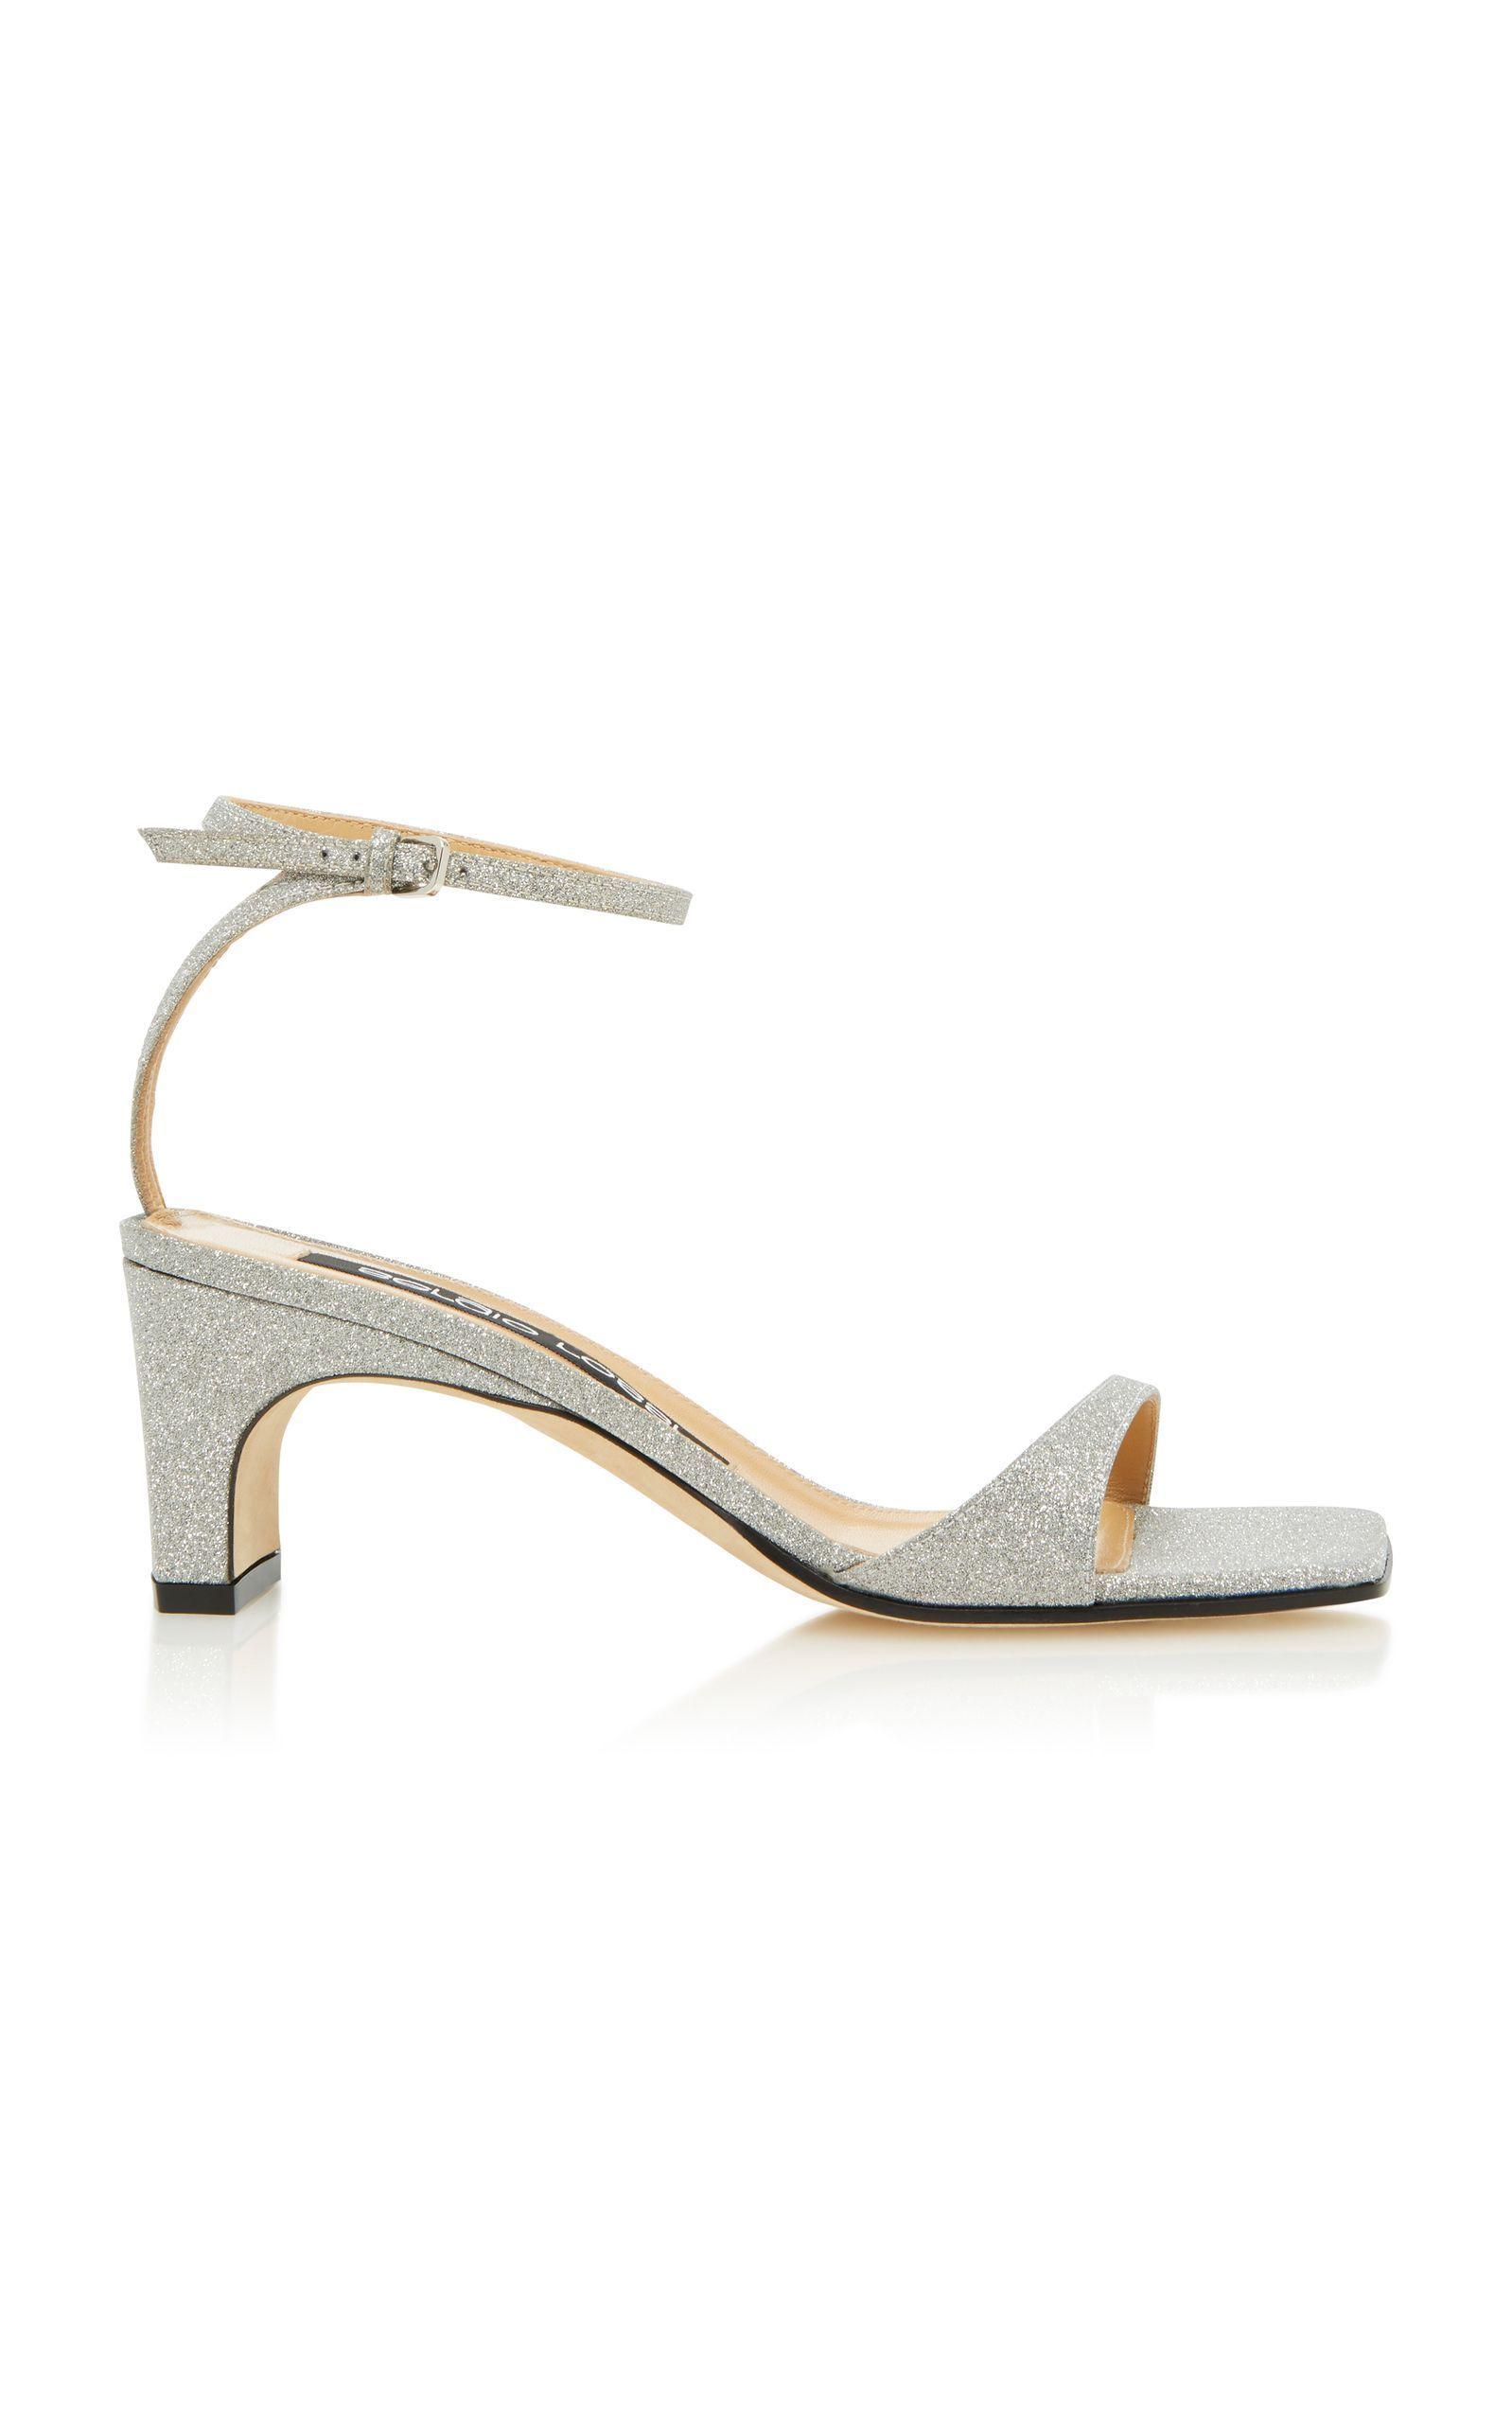 8039e954a8c SERGIO ROSSI SR1 KITTEN HEEL SANDAL.  sergiorossi  shoes